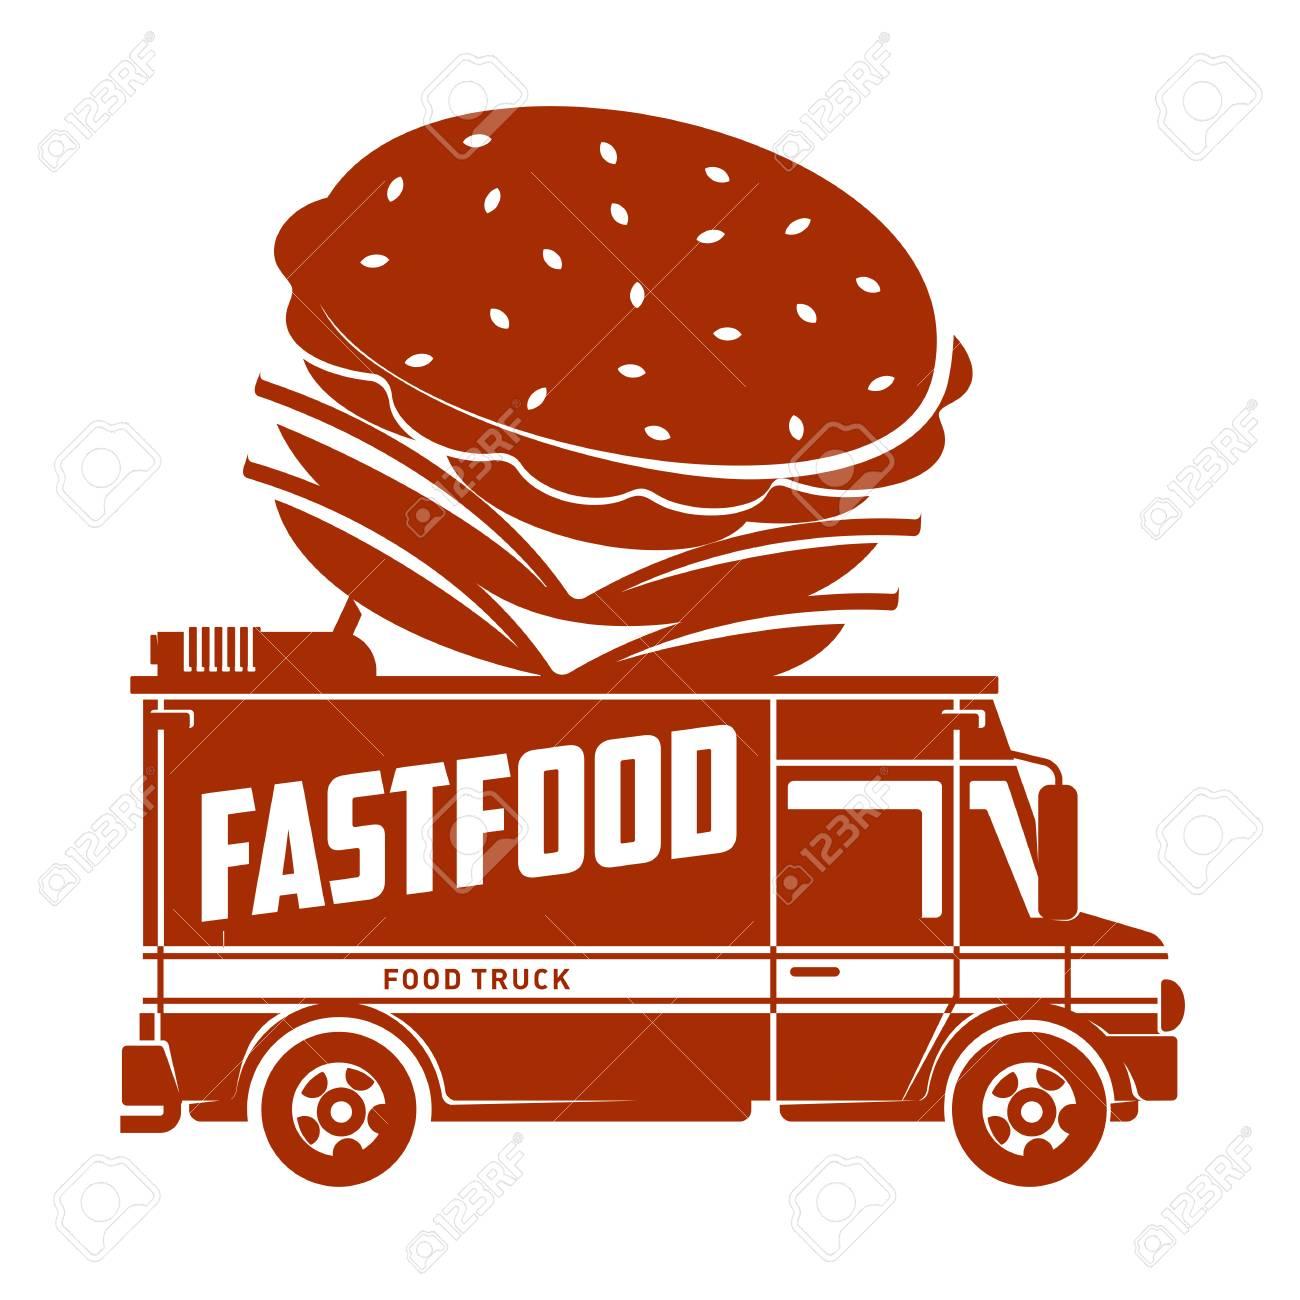 Food Truck Hamburger Logo Vector Illustration Vintage Style Labels Design Concept For Delivery Service